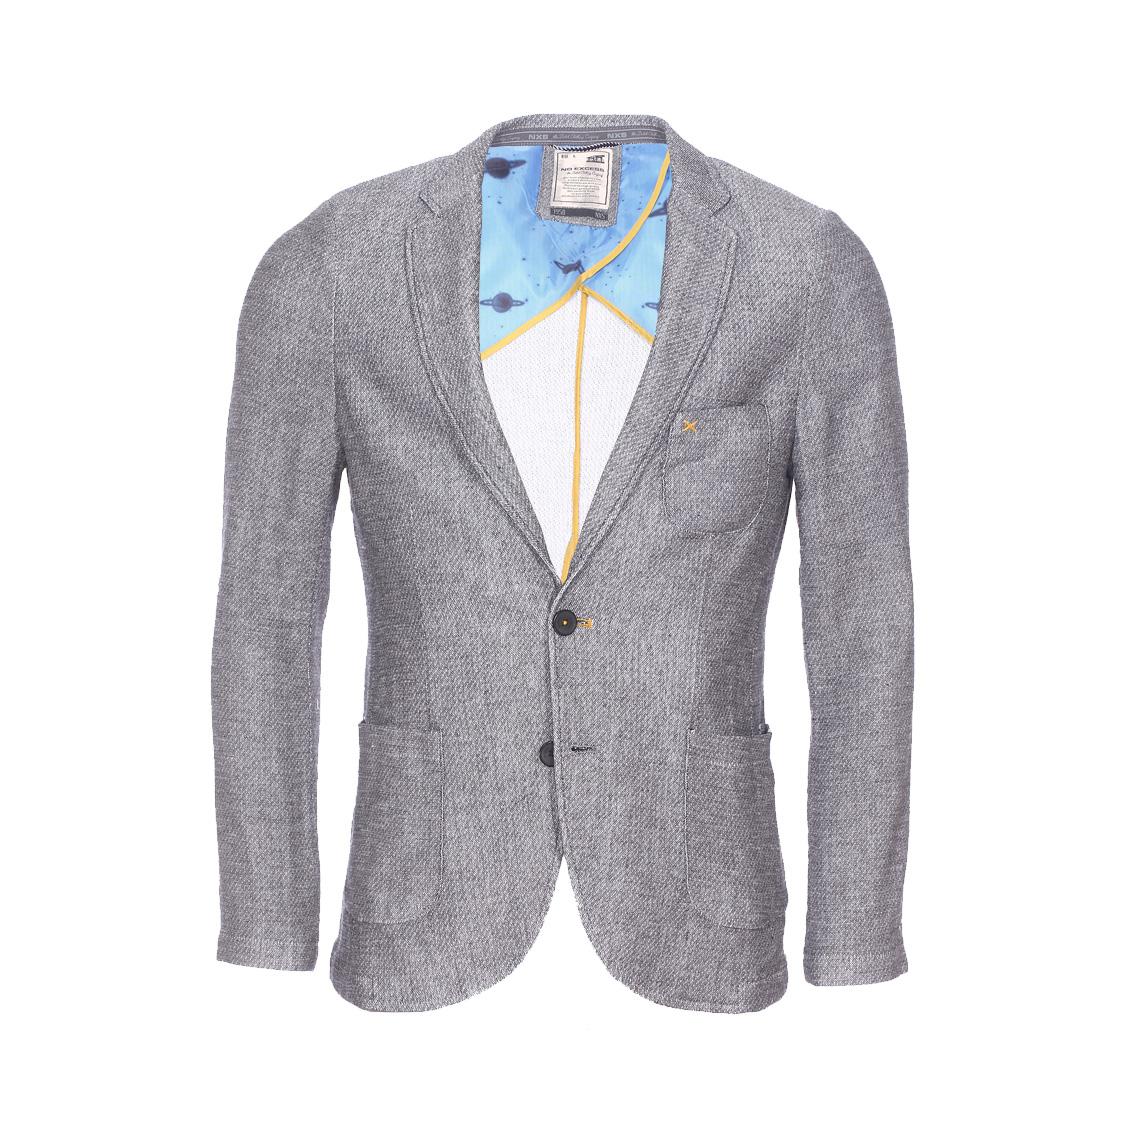 Veste de blazer cintrée No Excess gris chiné texturé